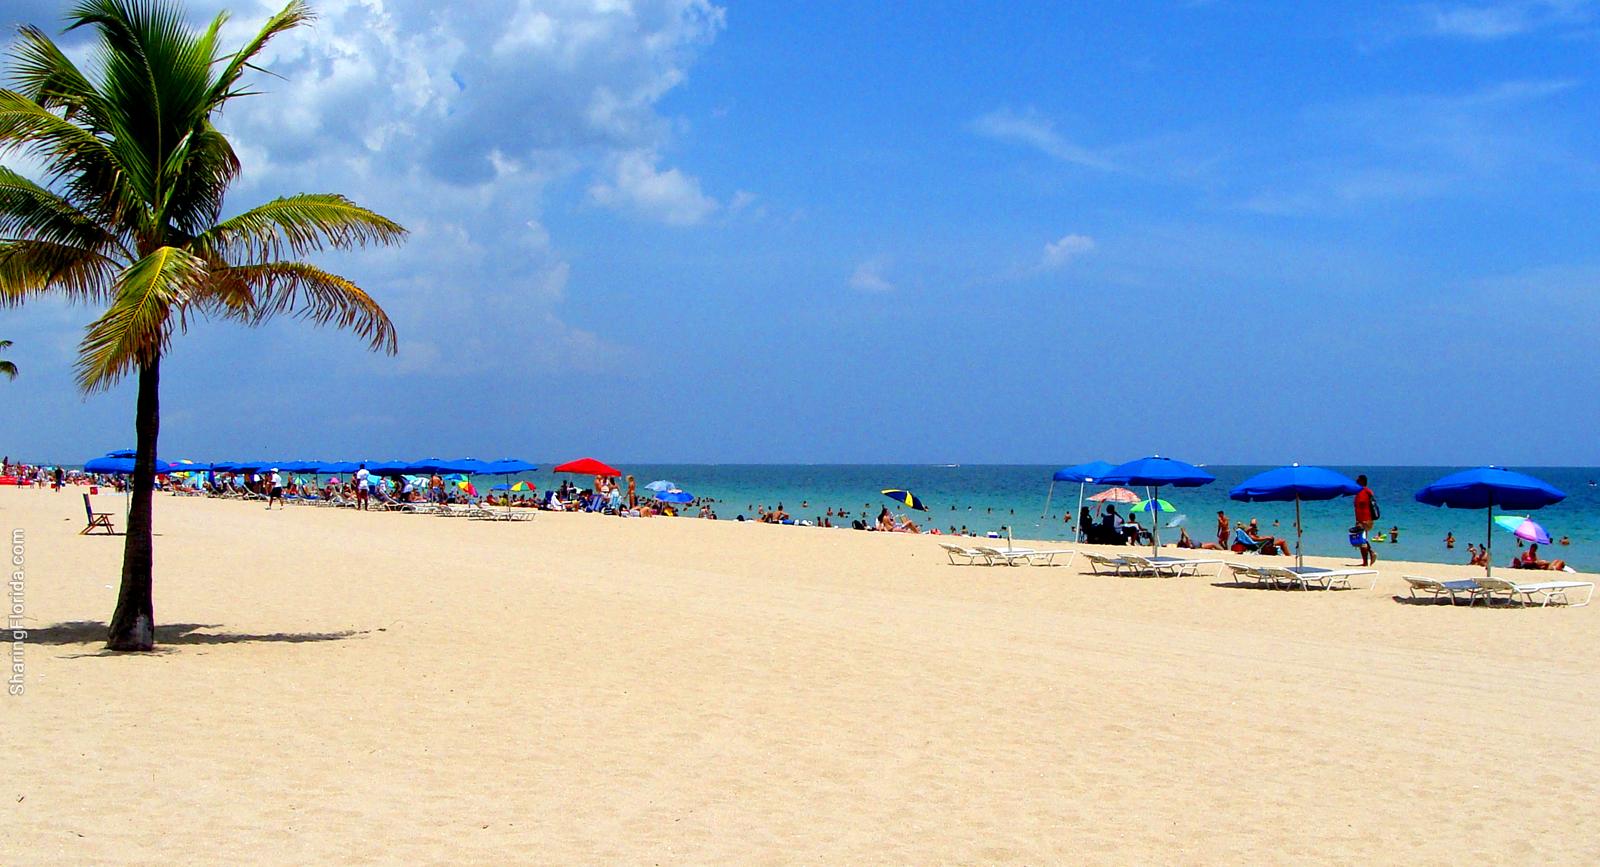 florida beach desktop wallpaper wallpapersafari